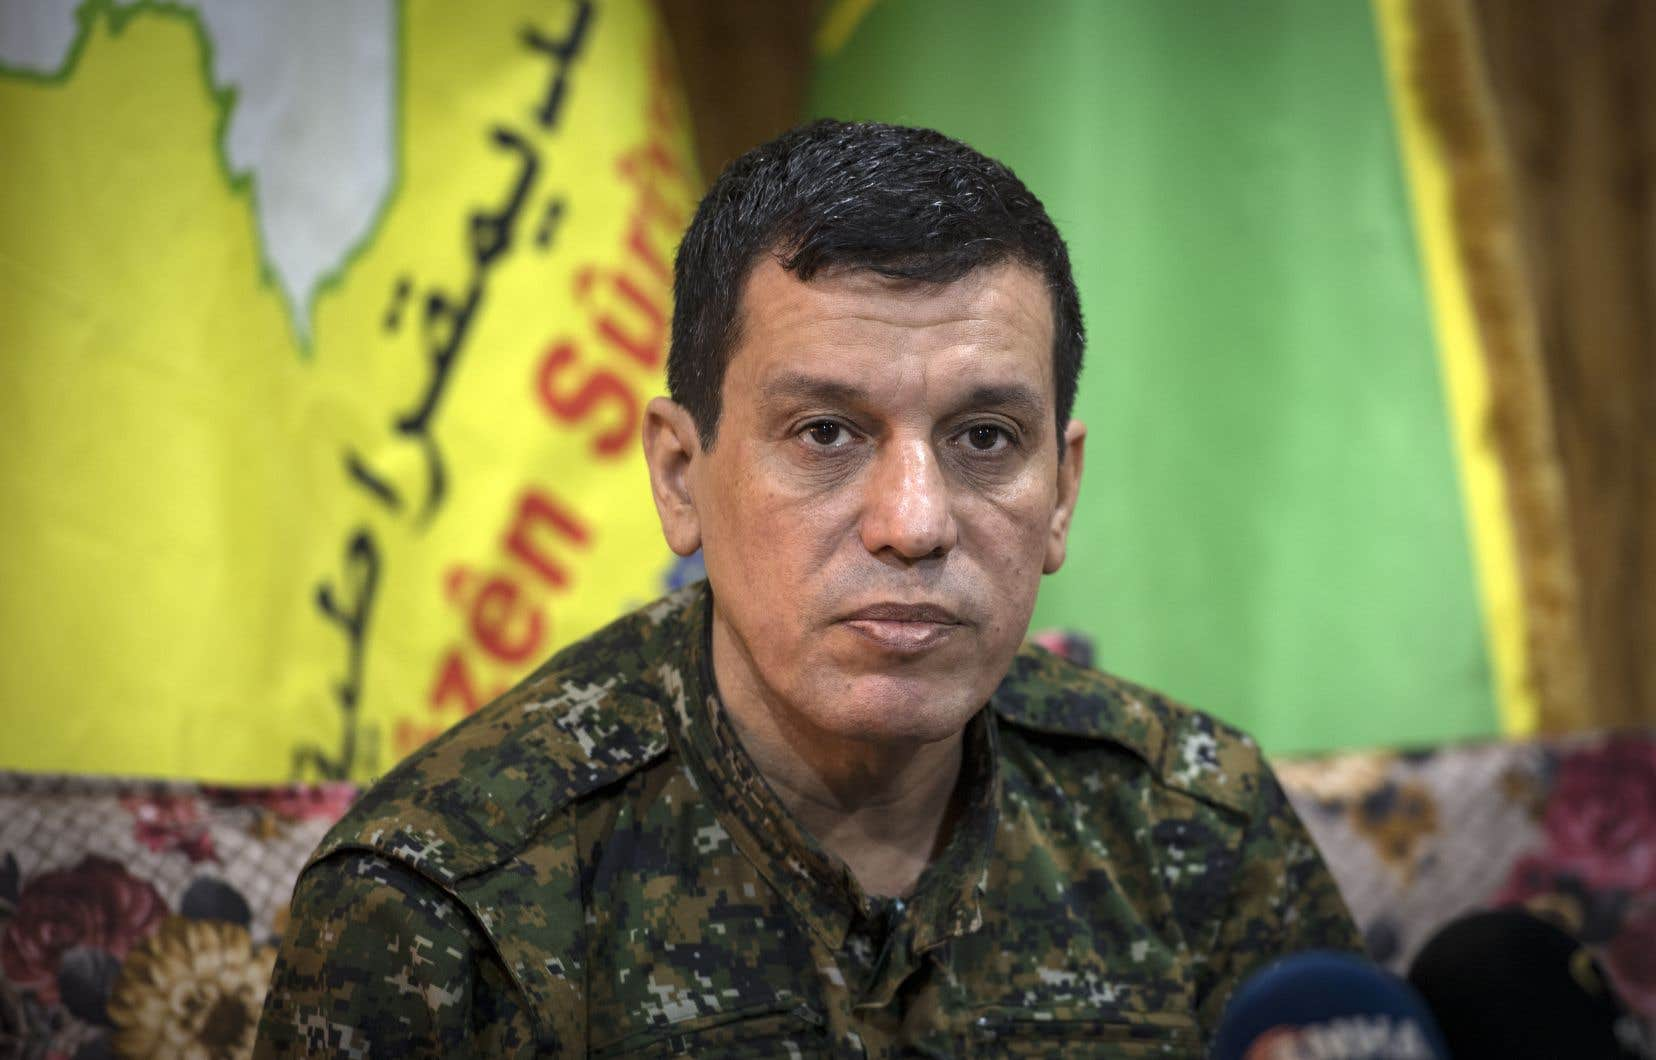 «Les cellules dormantes vont venger Baghdadi. Donc on s'attend à tout, y compris des attaques contre les prisons», a indiqué Mazloum Abdi, commandant des FDS.